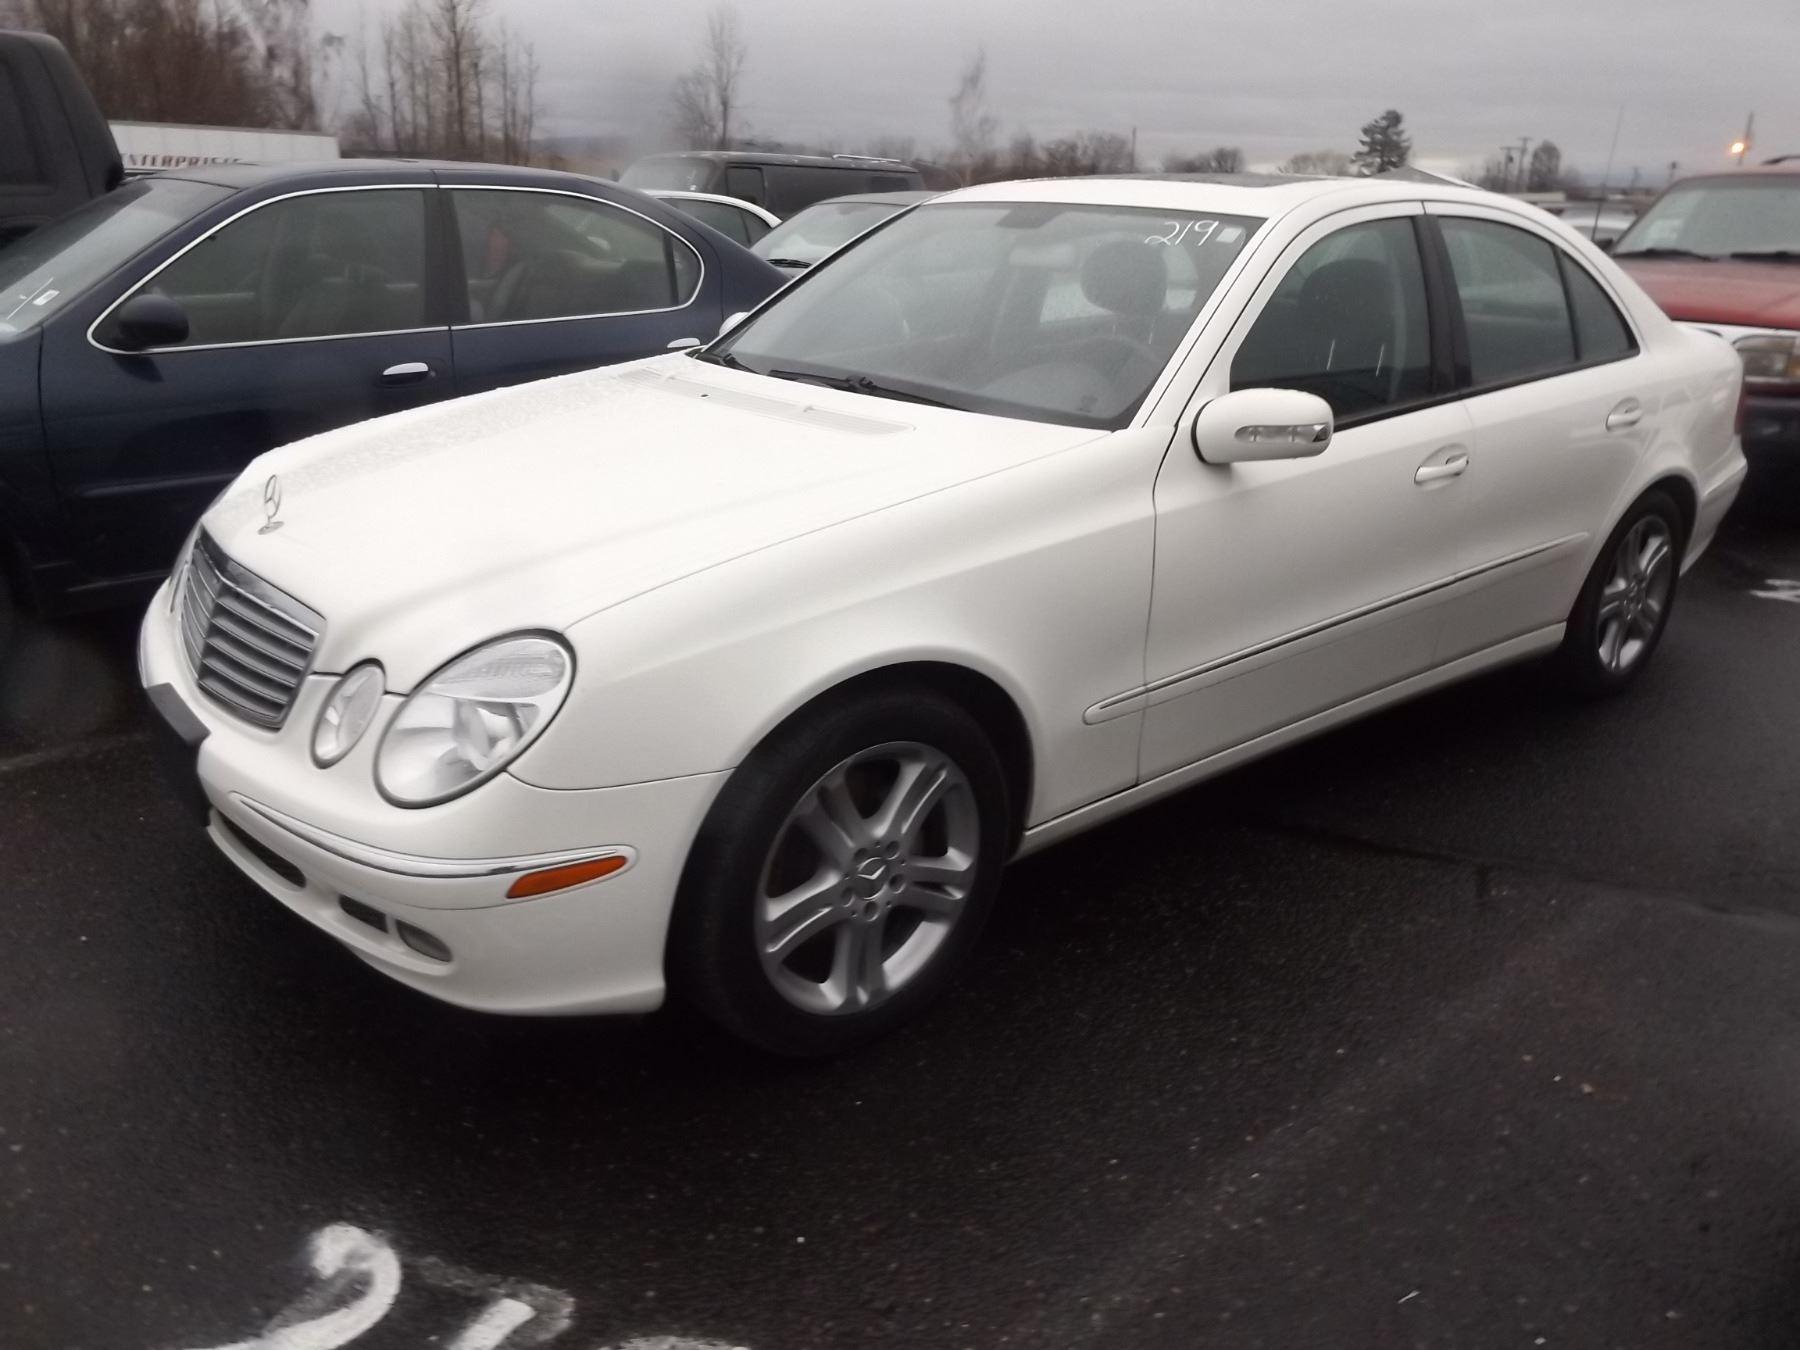 High Quality Image 1 : 2006 Mercedes Benz E350 ...